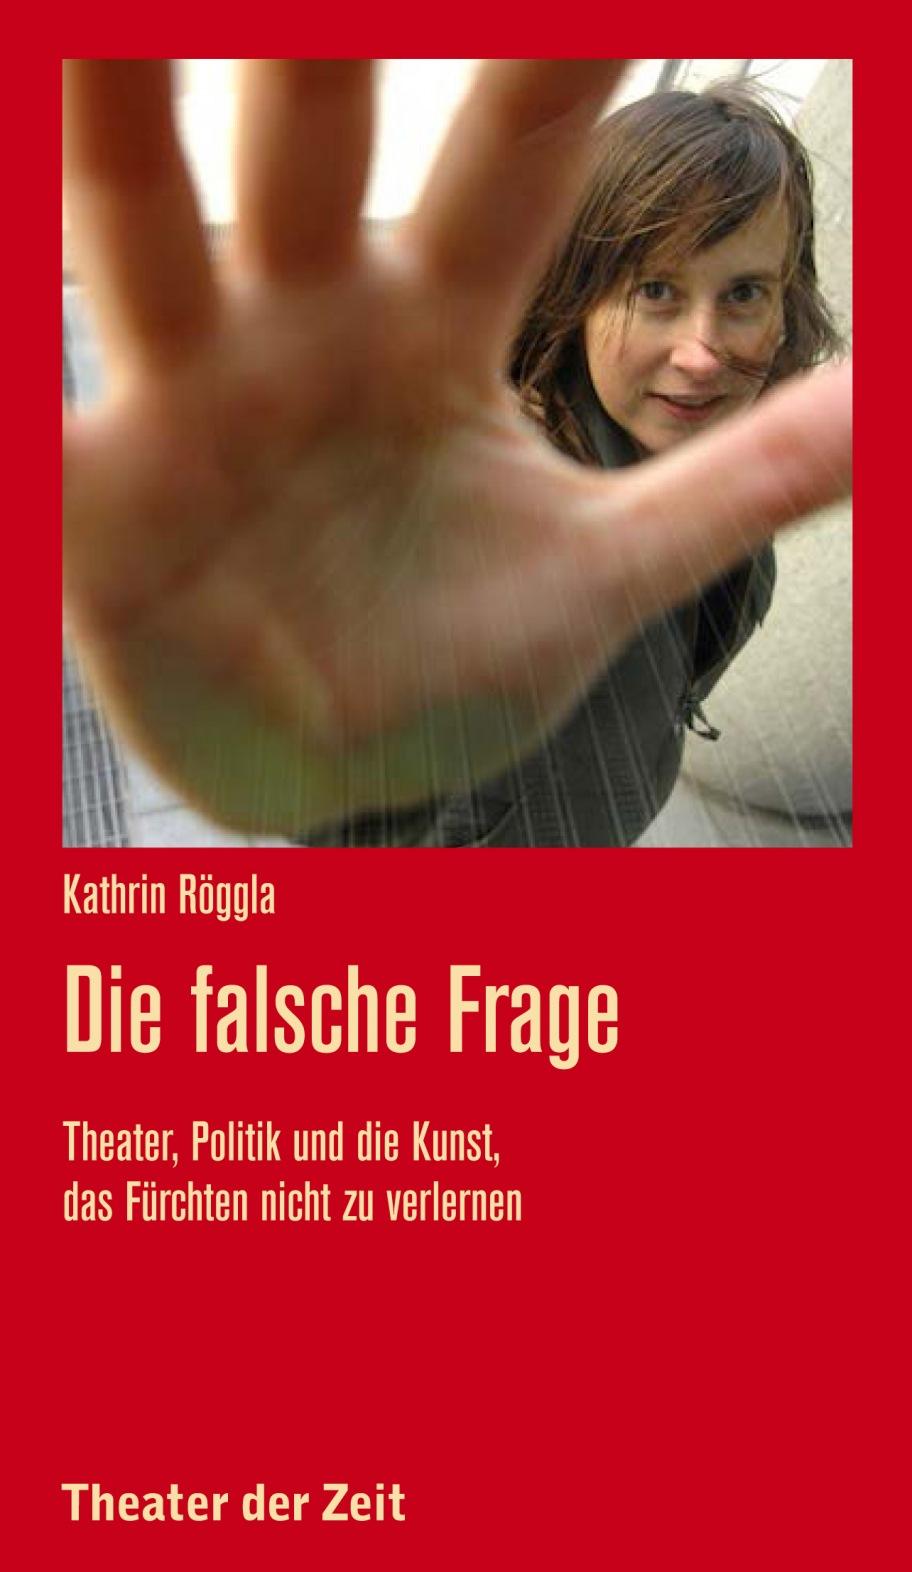 Kathrin Röggla: Die falsche Frage